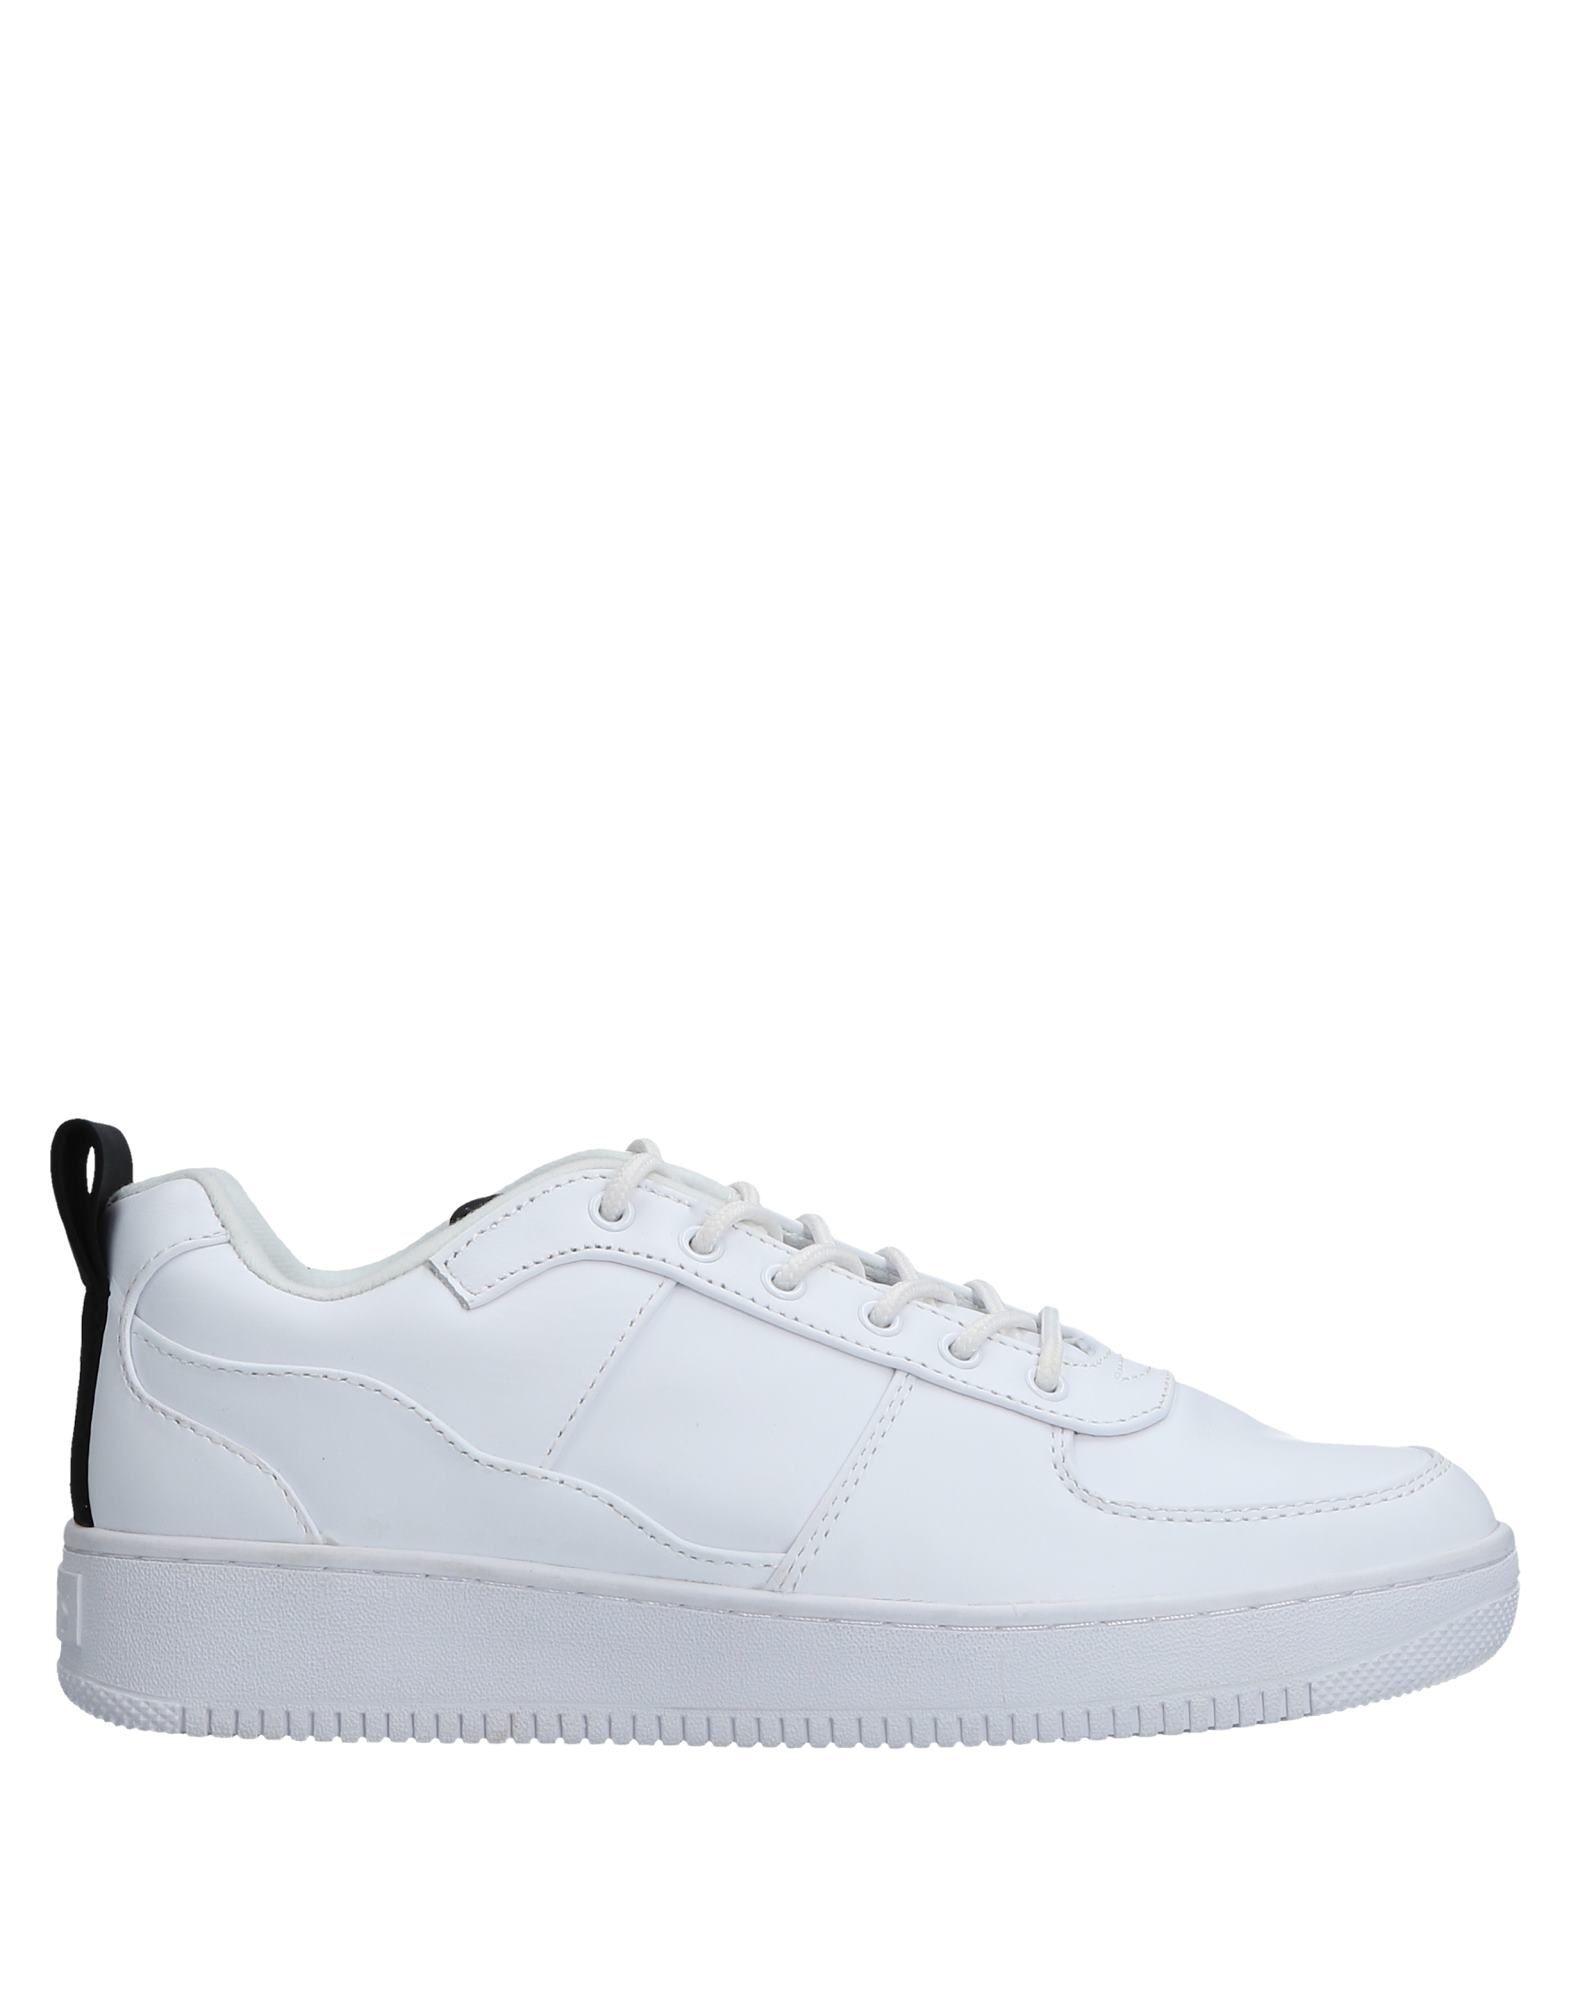 Rabatt echte Schuhe Kwots Sneakers Herren  11530531QV